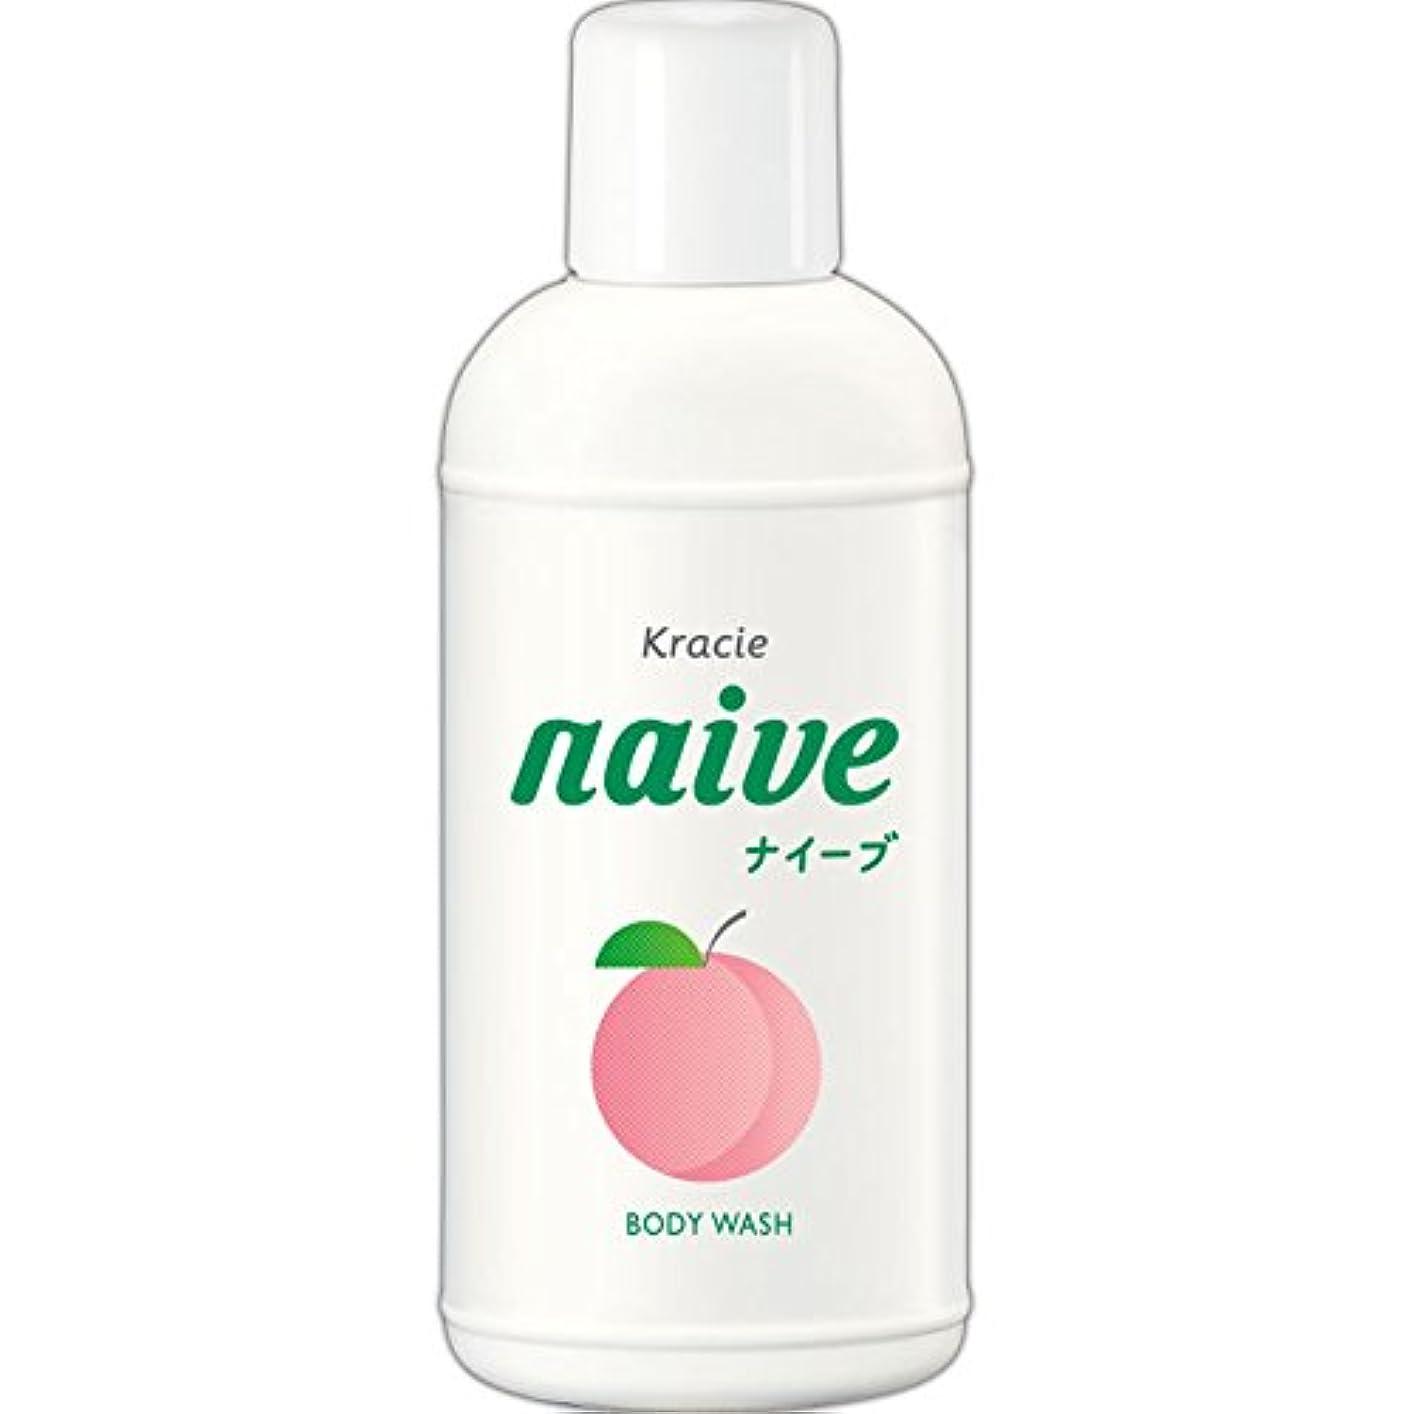 混乱した蓄積する奨学金ナイーブ ボディソープ 桃の葉エキス配合 80ml